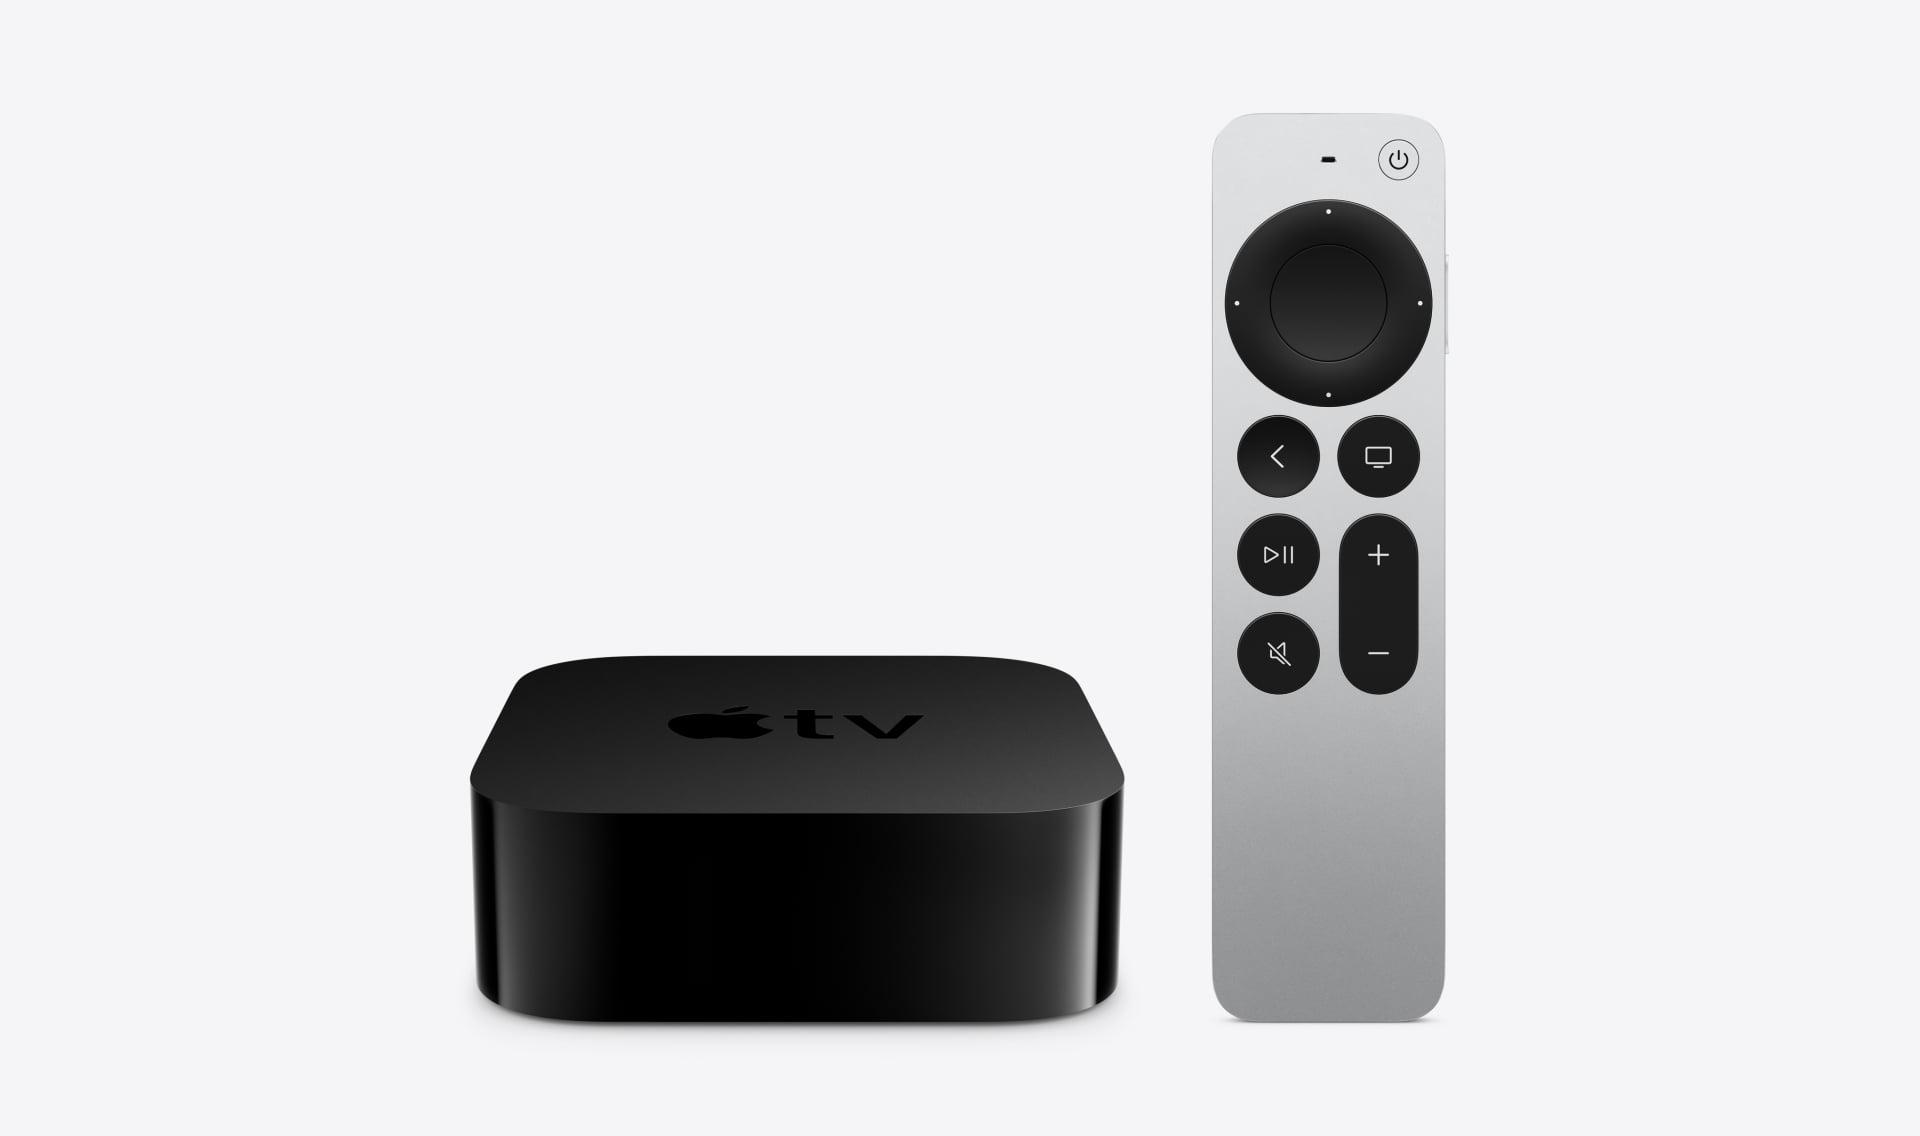 Firma Apple pokazuje odświeżone Apple TV 4K z nowym pilotem